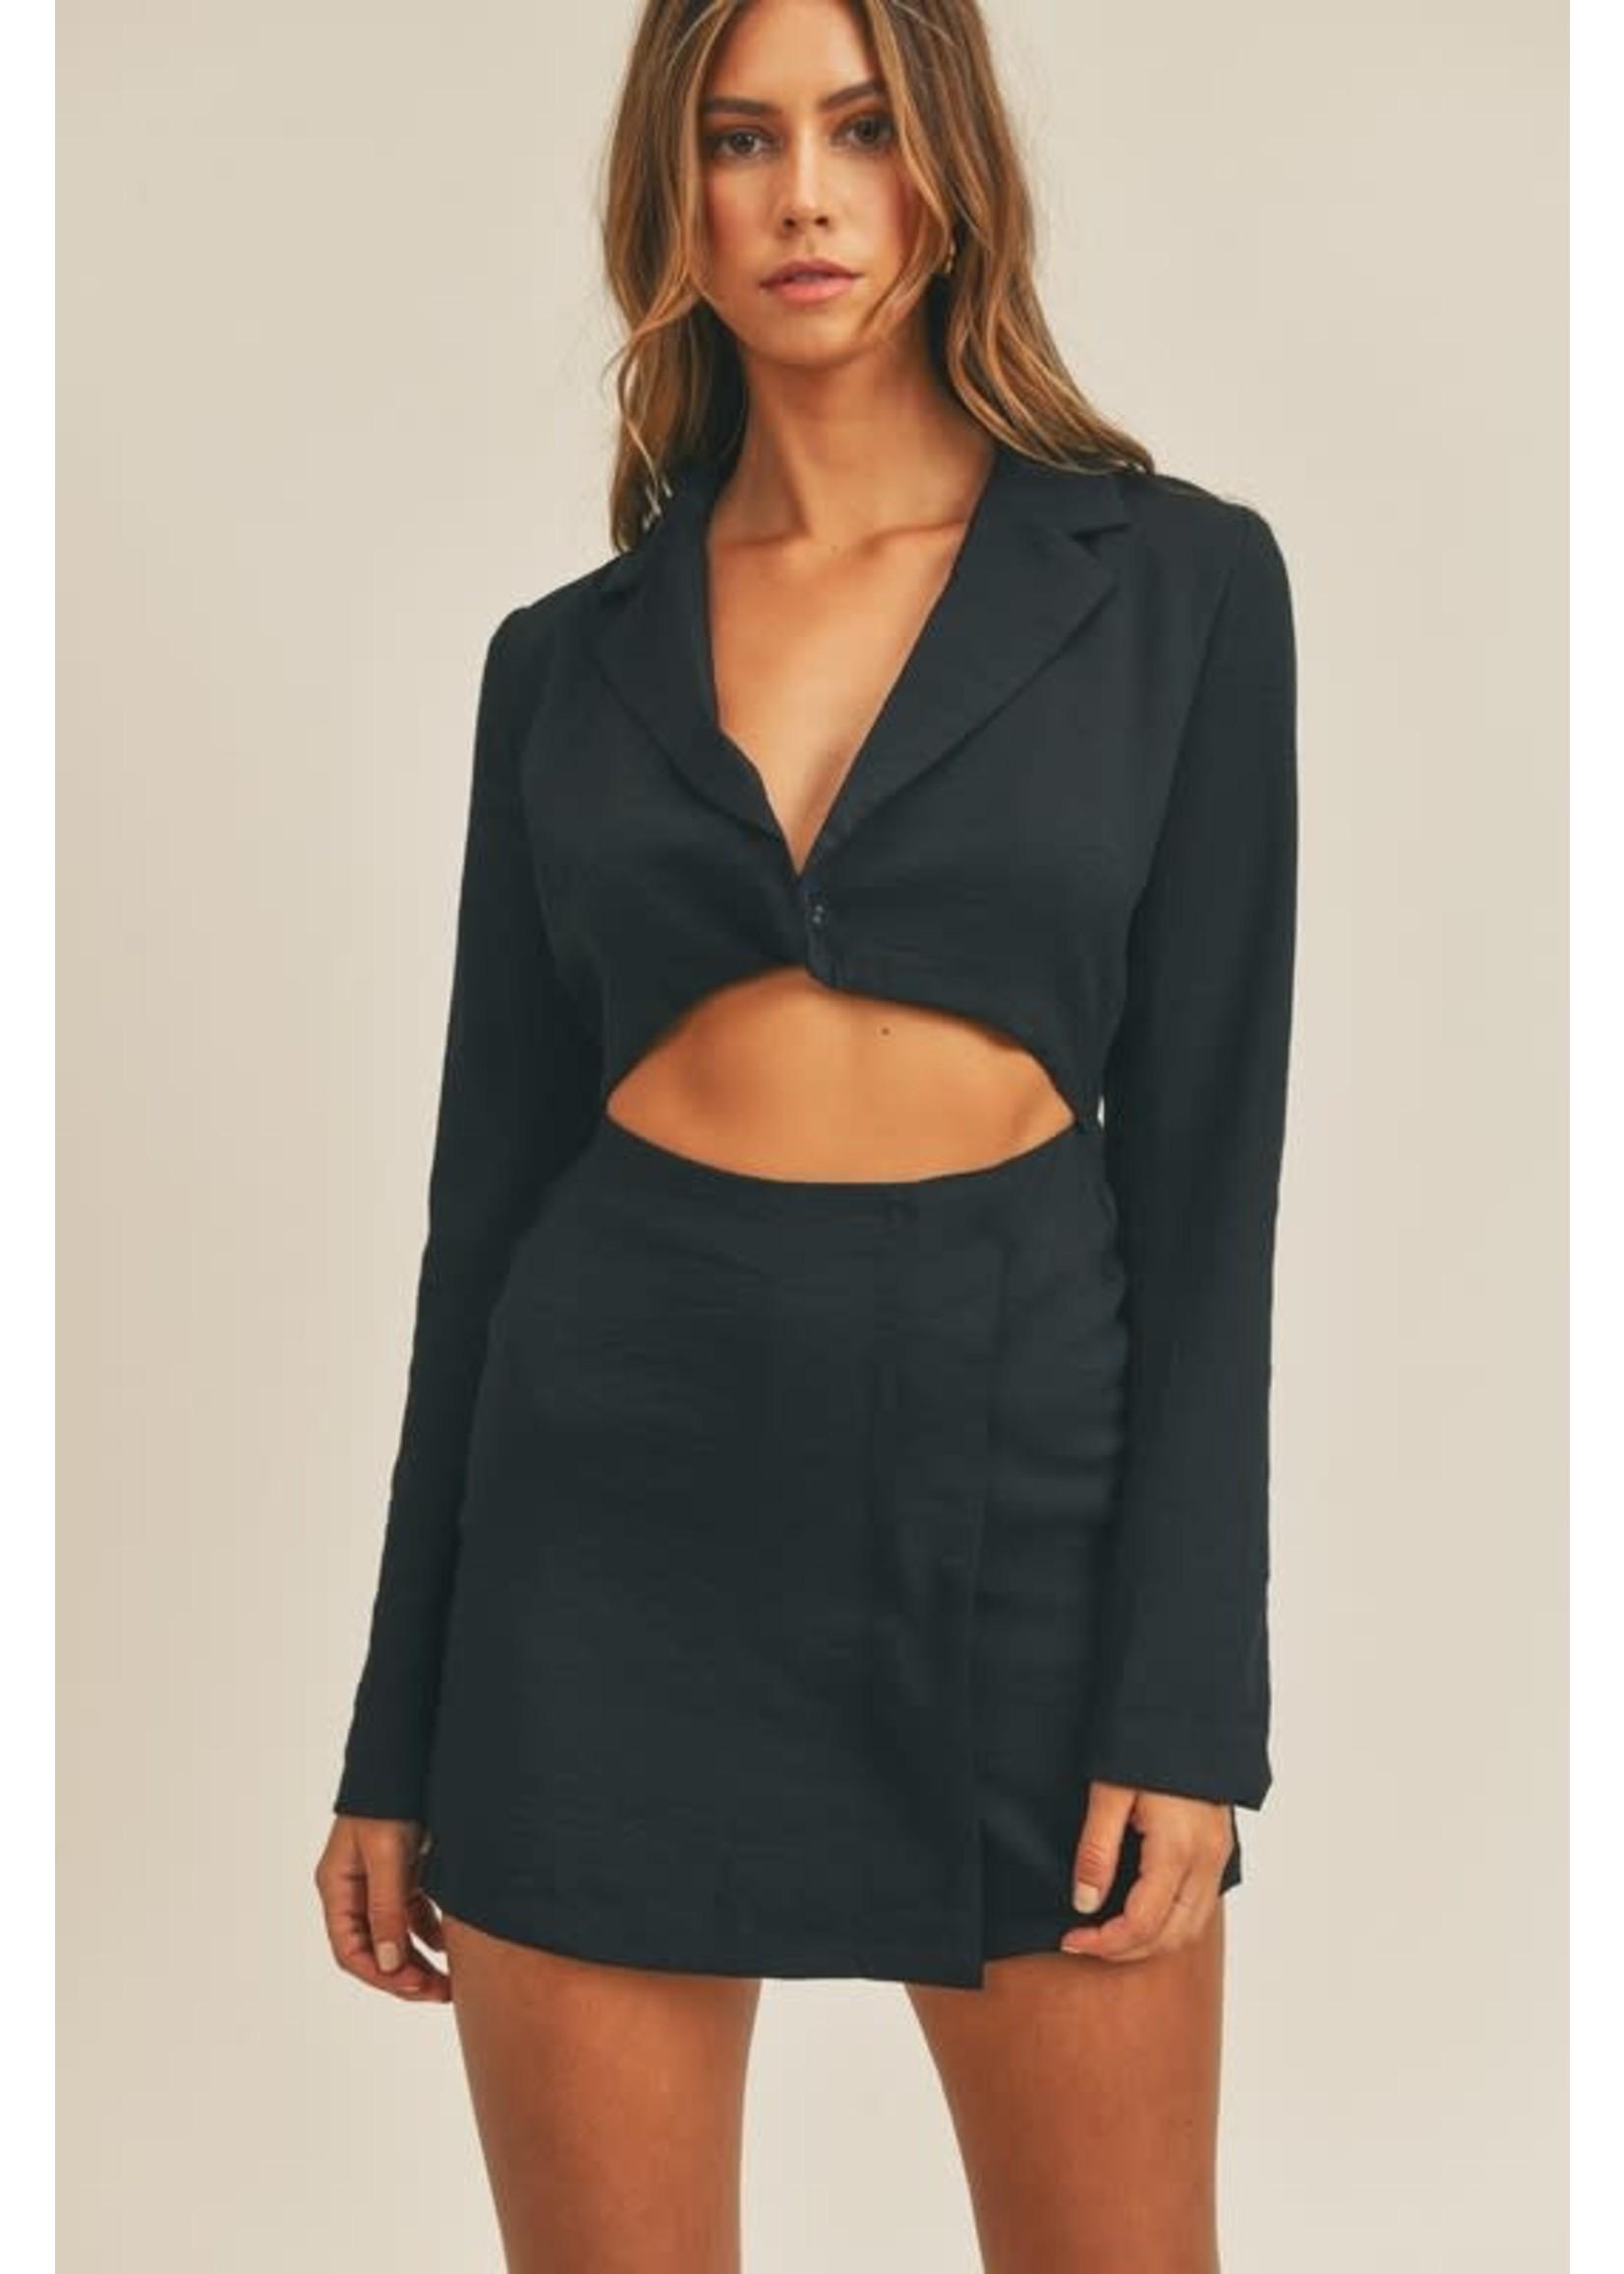 Mable Cutout Blazer Mini Dress - MD2555